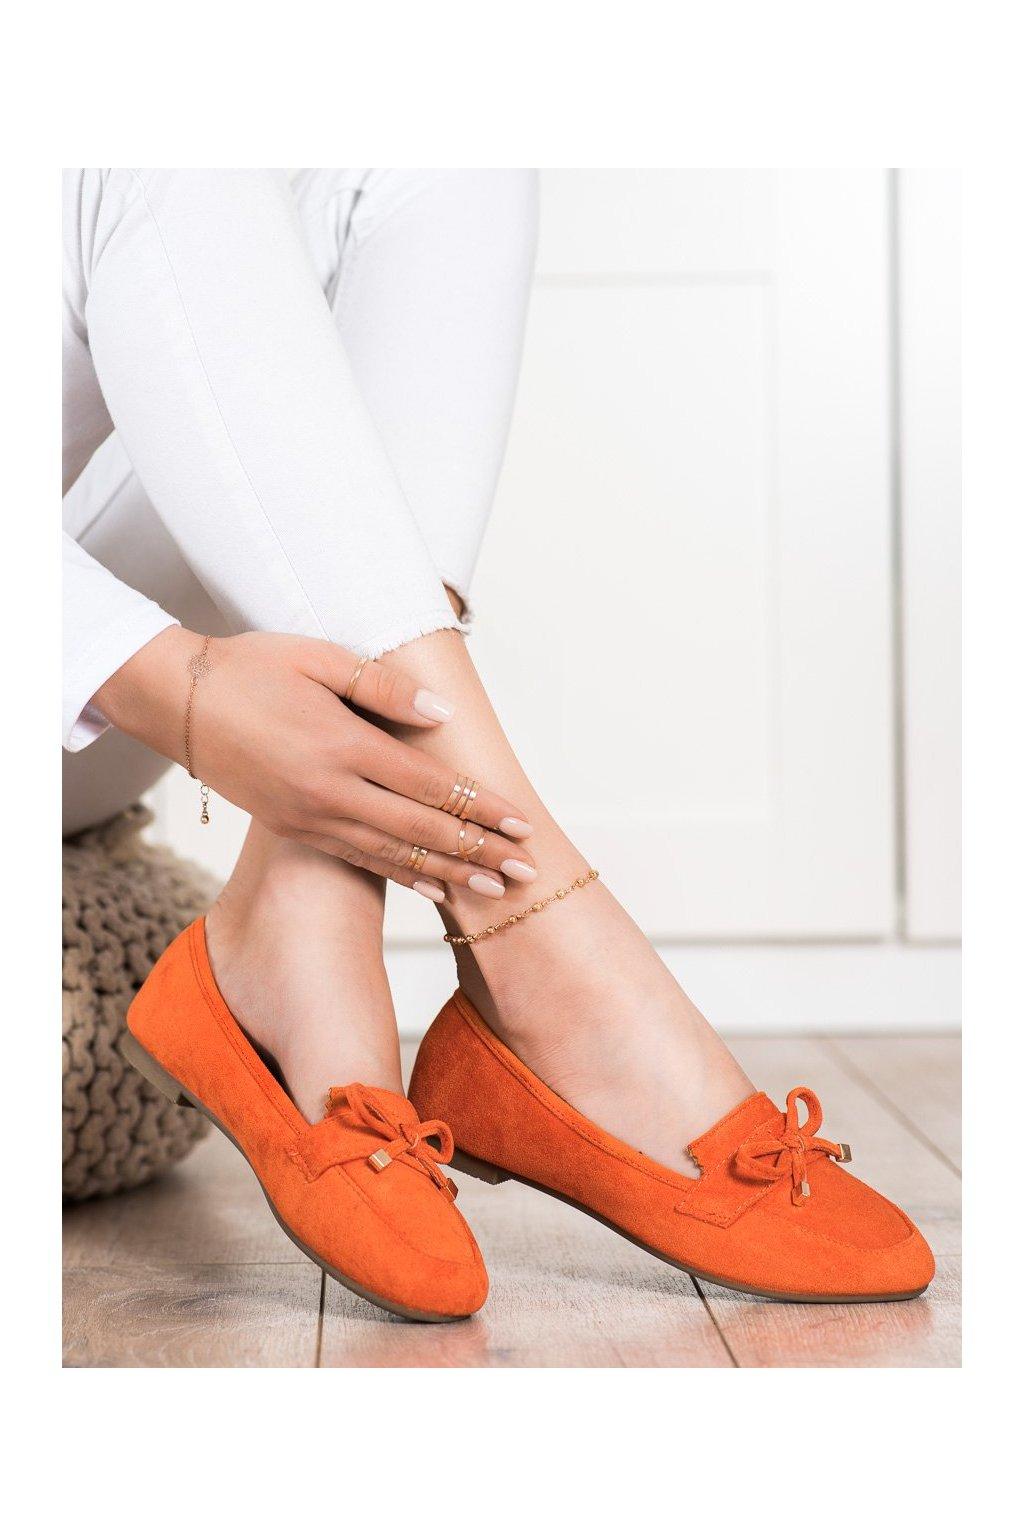 Oranžové mokasíny Anesia paris kod 88-386OR